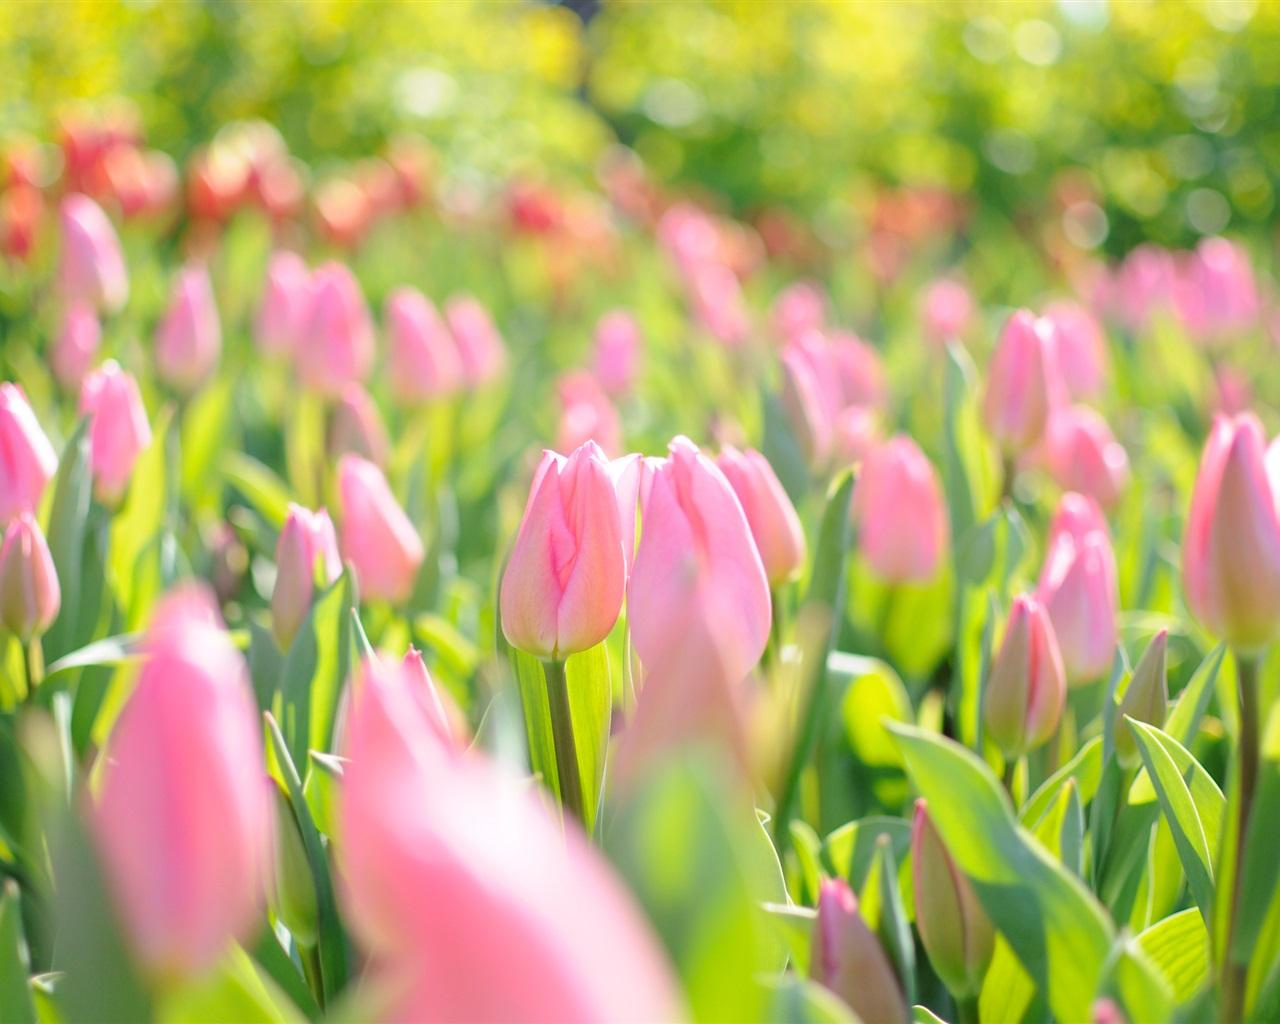 Красивые картинки на рабочий стол весна тюльпаны